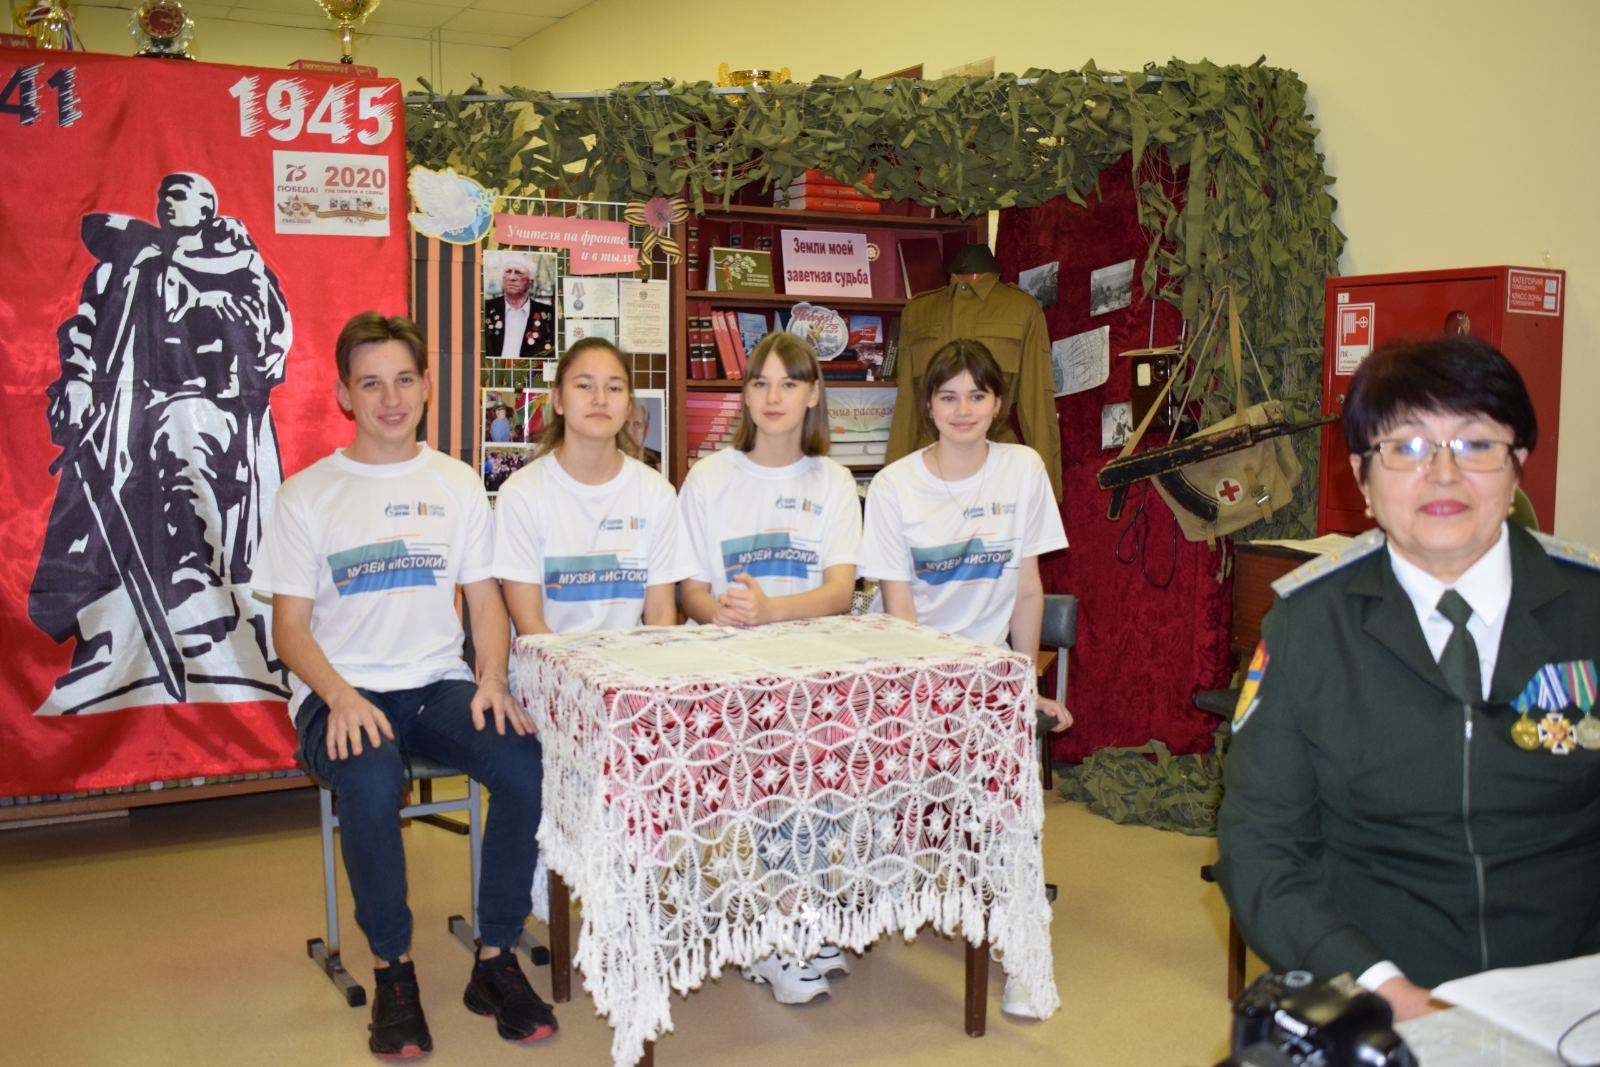 Руководитель музея «Истоки» Тихонова Нурзия Габрауфовна стала призером конкурса краеведов